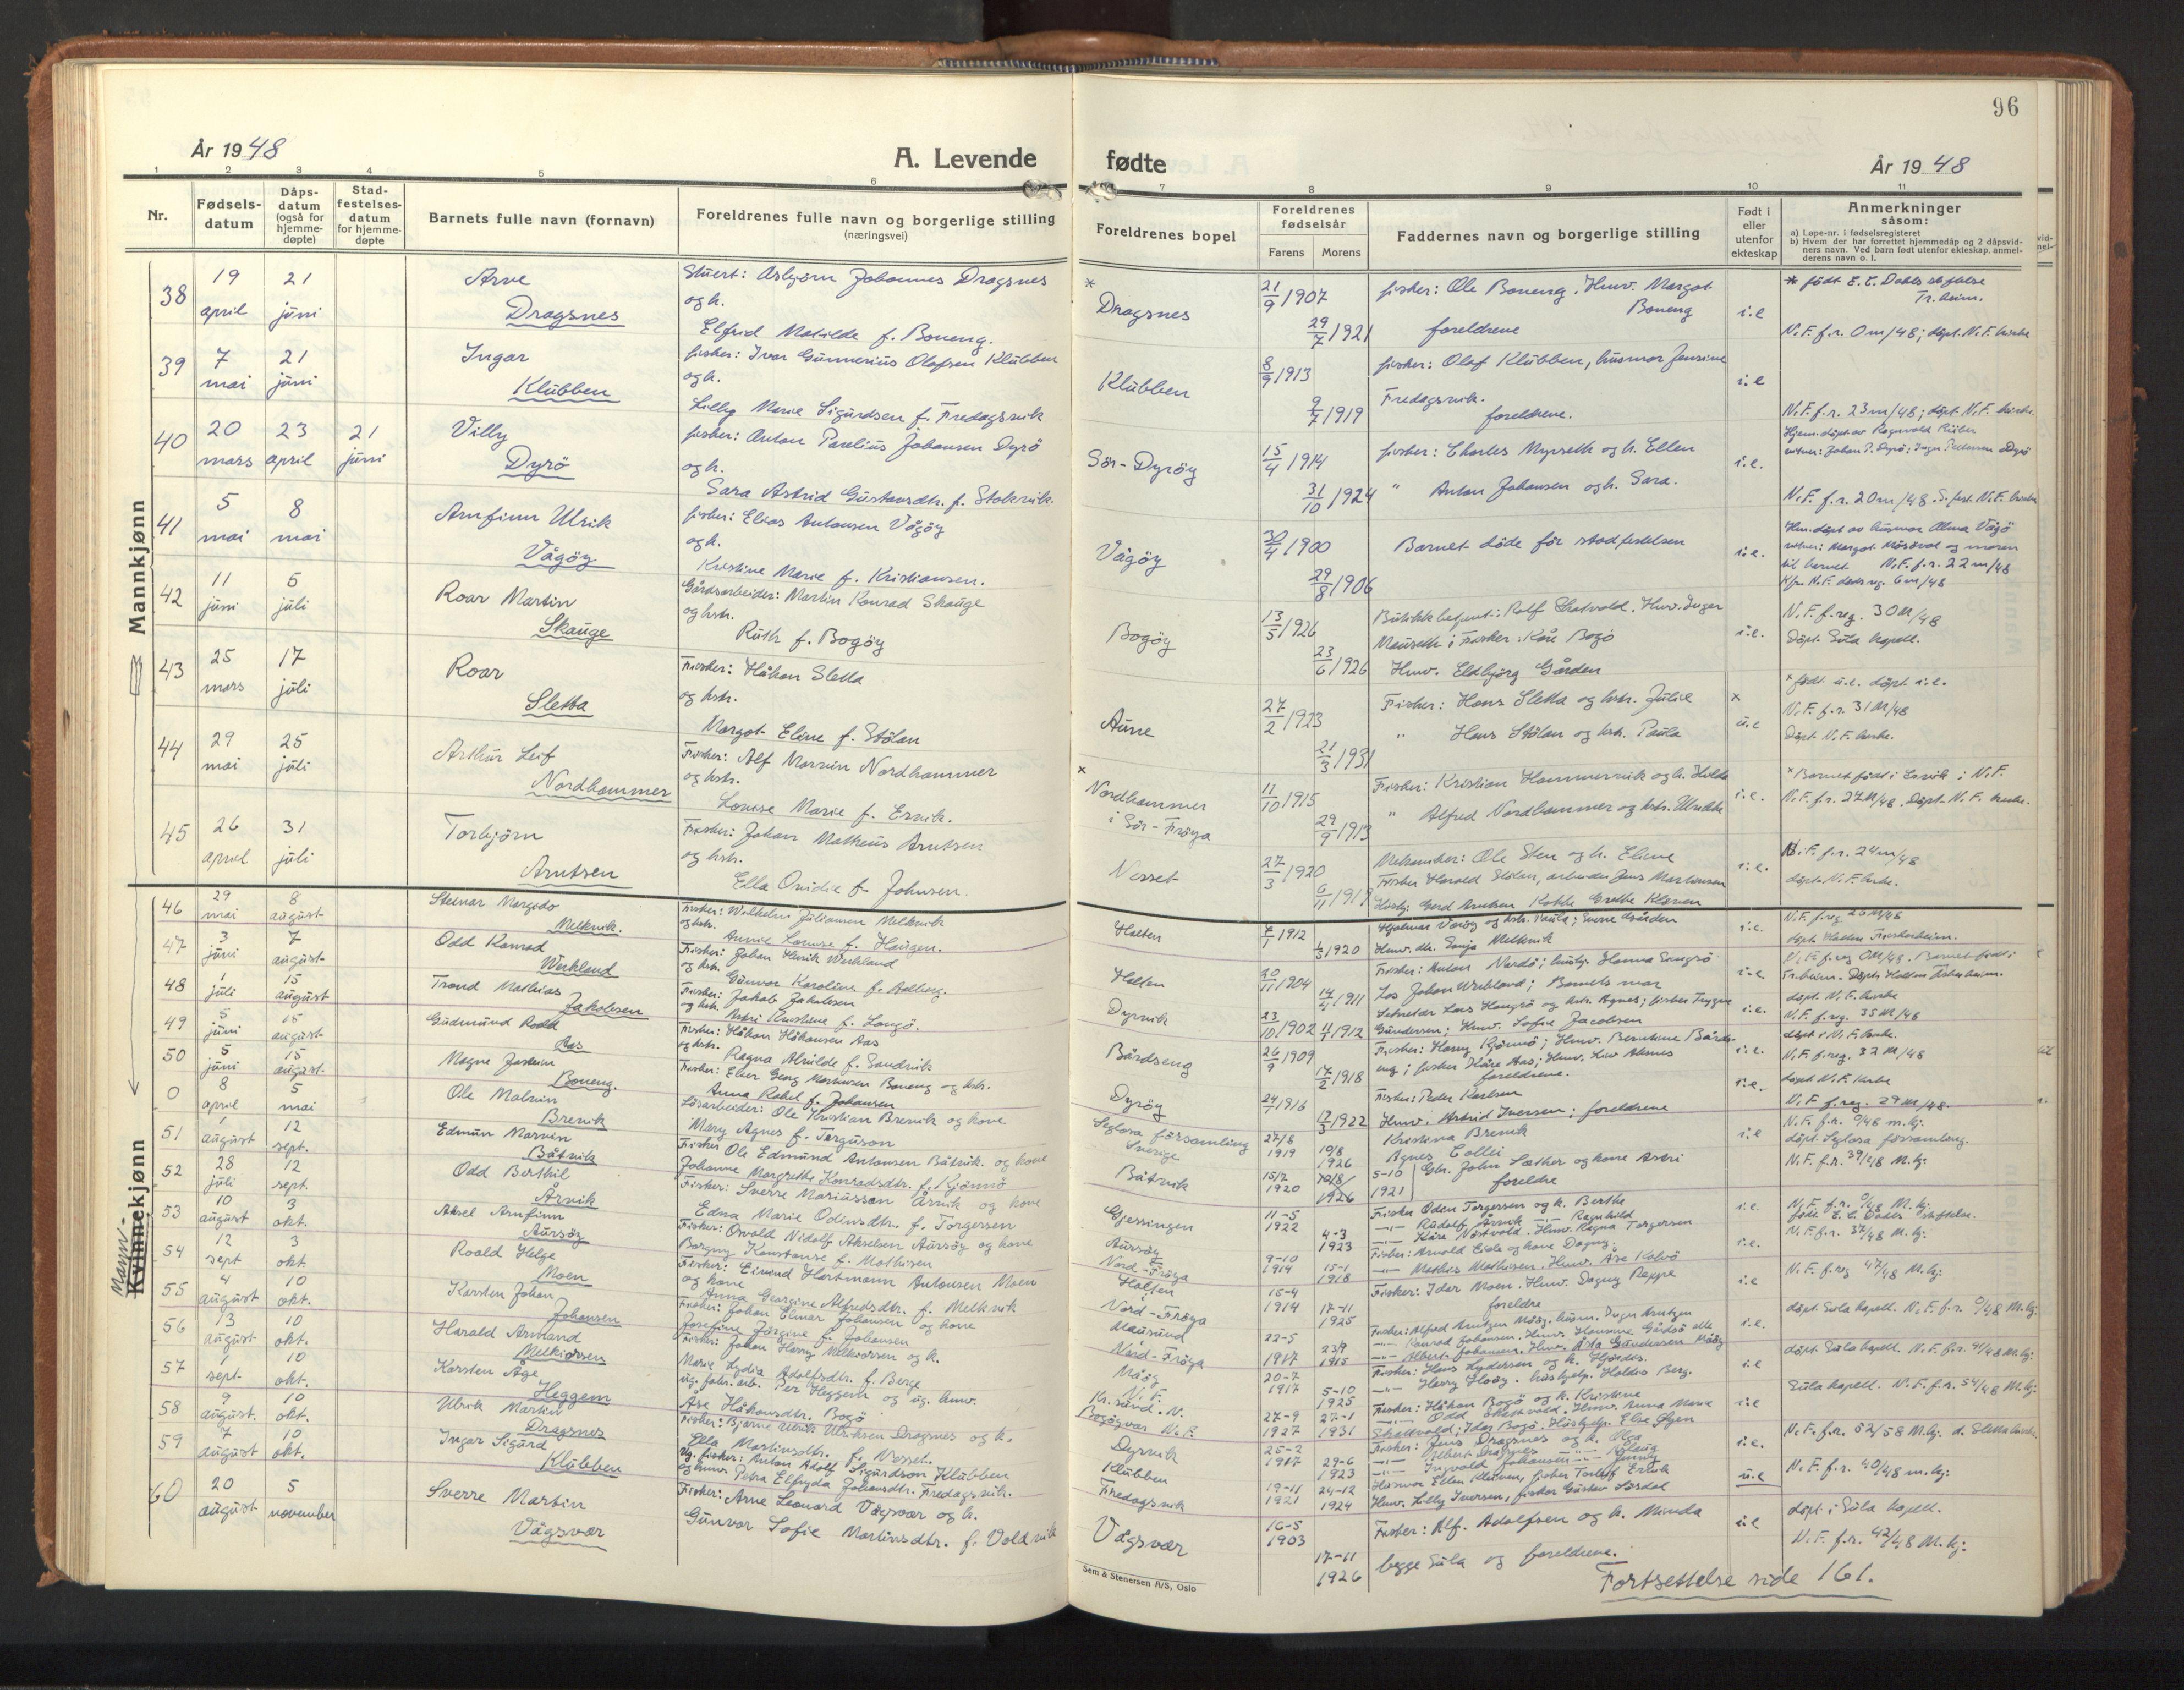 SAT, Ministerialprotokoller, klokkerbøker og fødselsregistre - Sør-Trøndelag, 640/L0590: Klokkerbok nr. 640C07, 1935-1948, s. 96